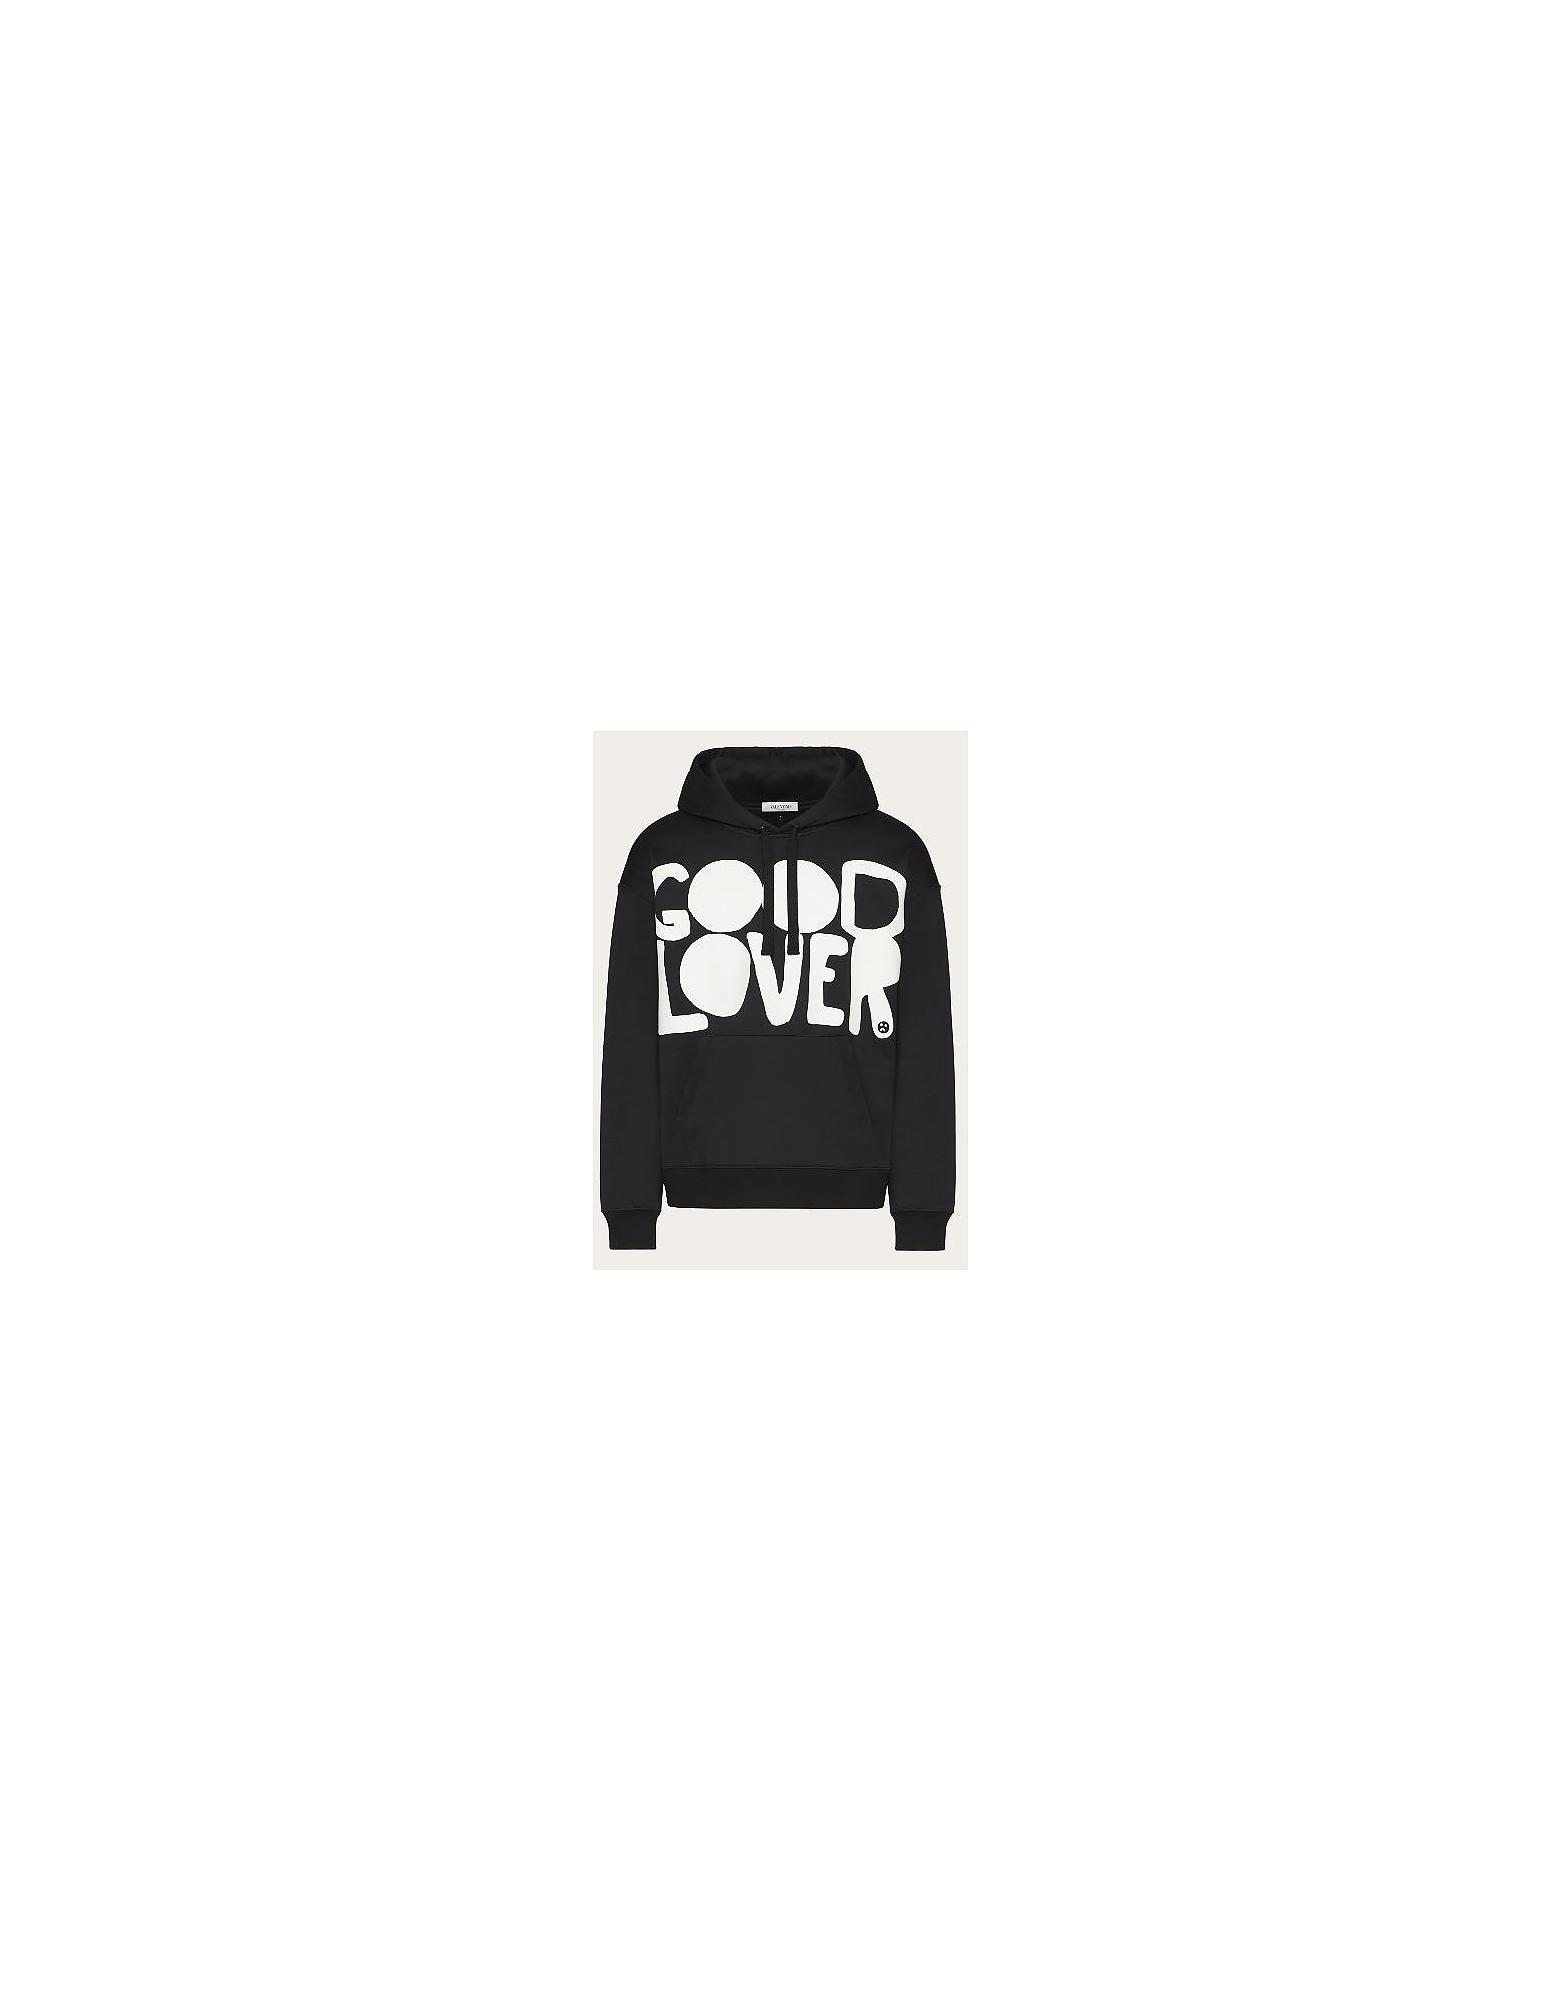 Valentino Designer Sweatshirts, Black Cotton Men's Hoodie